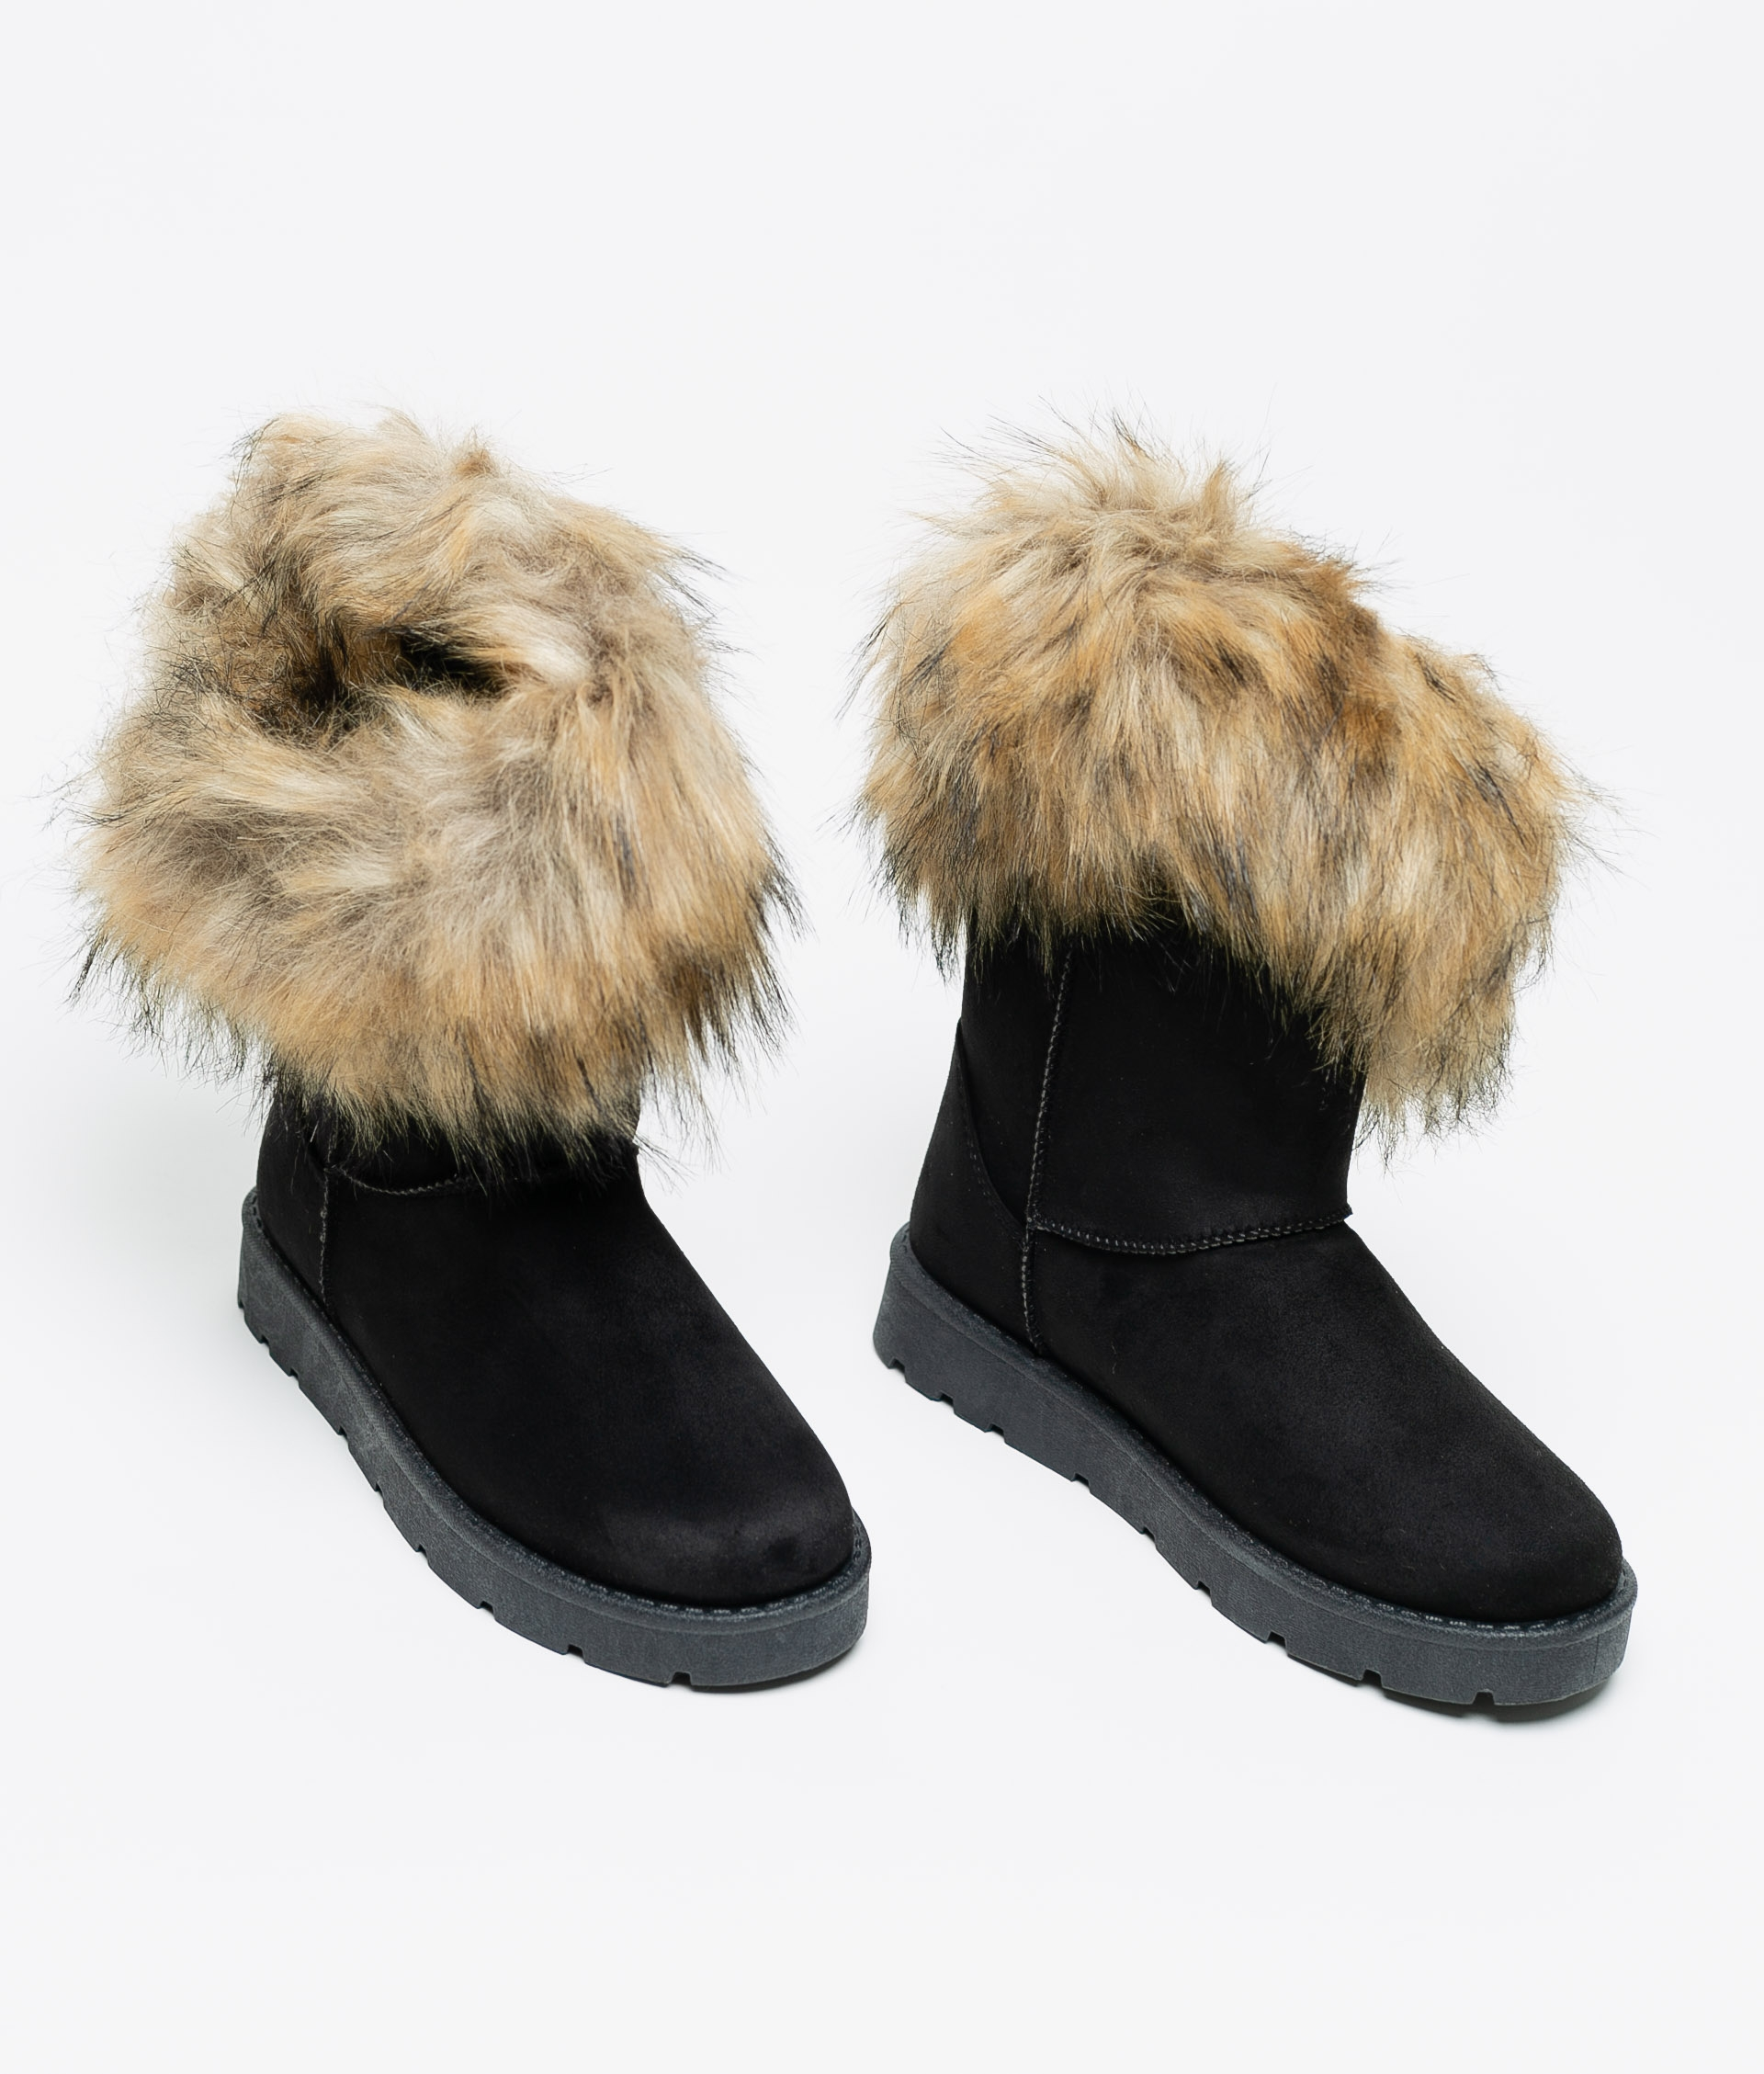 Low Boot Filomena - Black